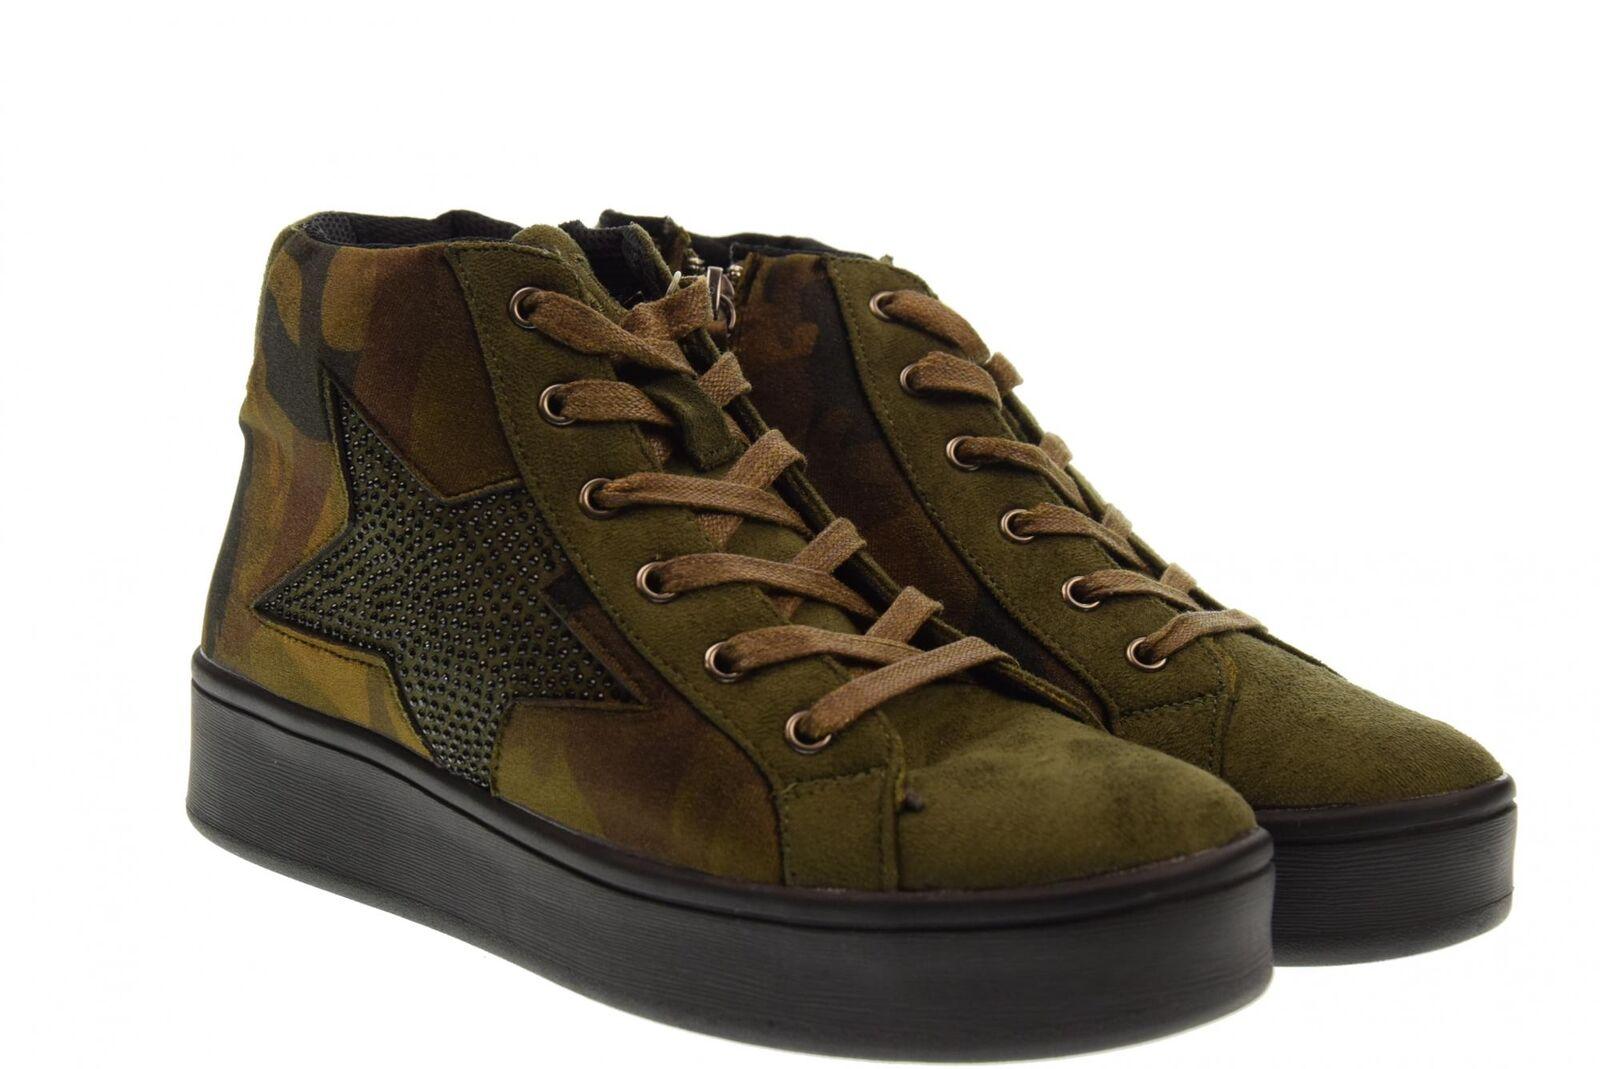 B3d shoes A18s shoes women zapatillas altas 41586 caqui